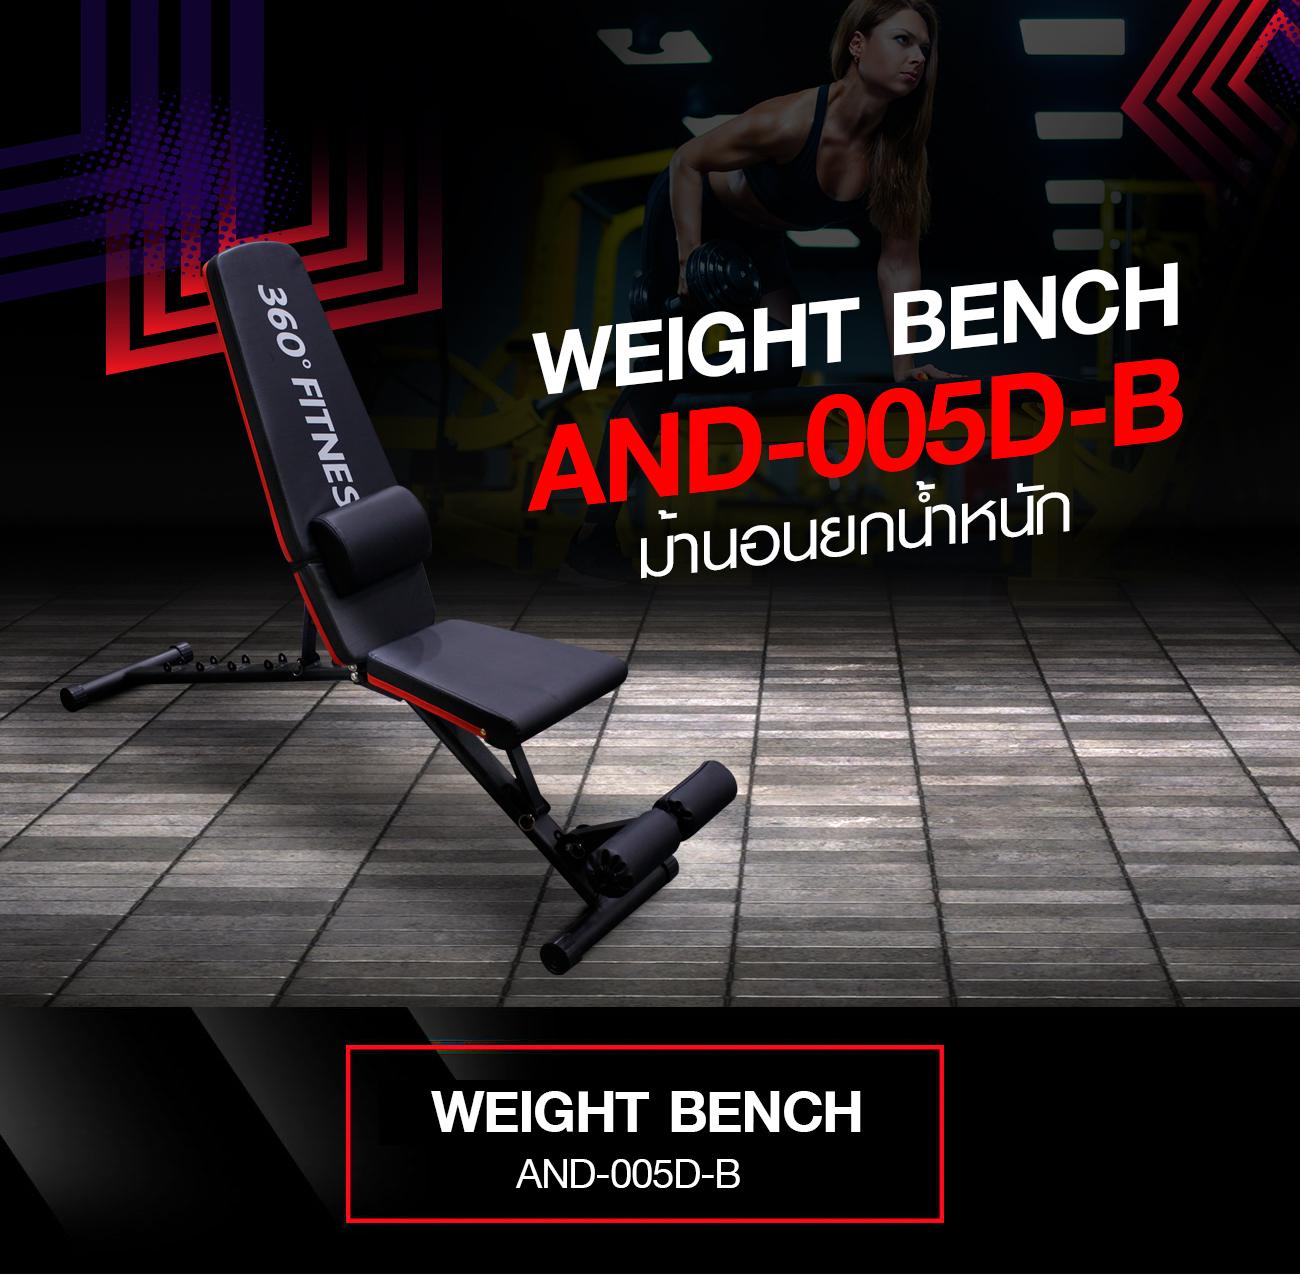 ม้านอนยกน้ำหนัก Weight Bench รุ่น AND-005D-B